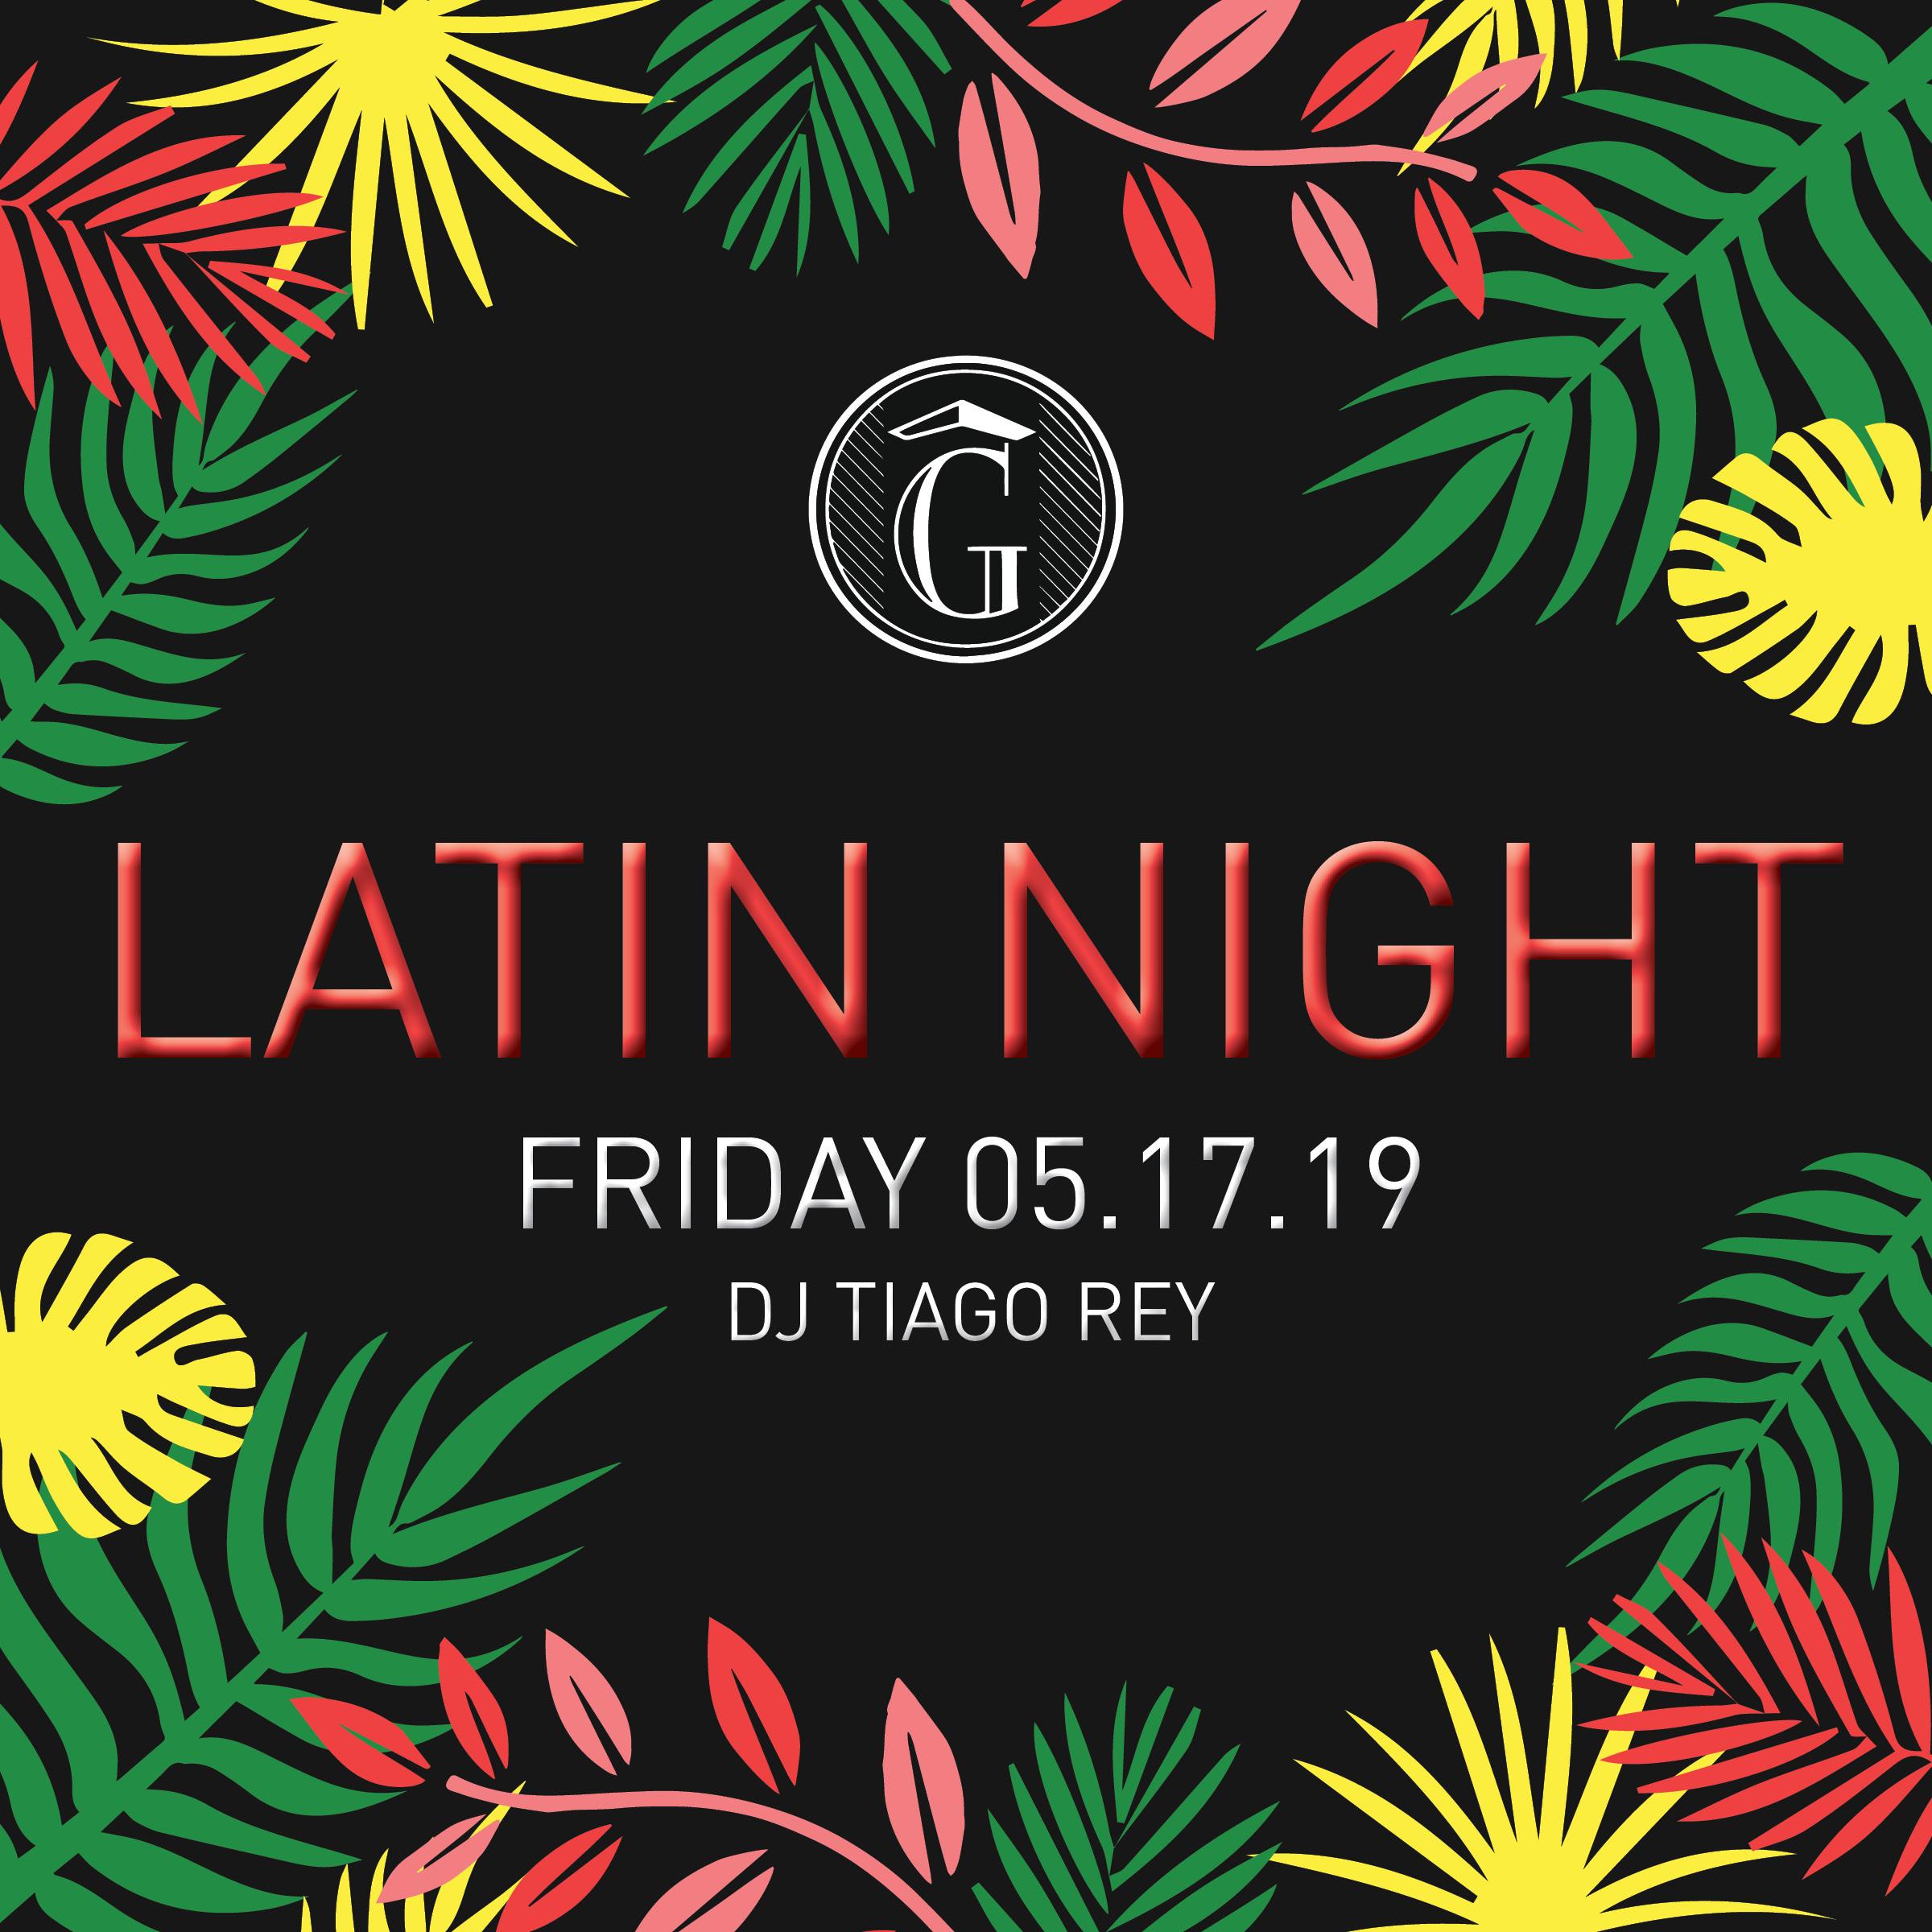 Latin Night 05.17.19.jpg